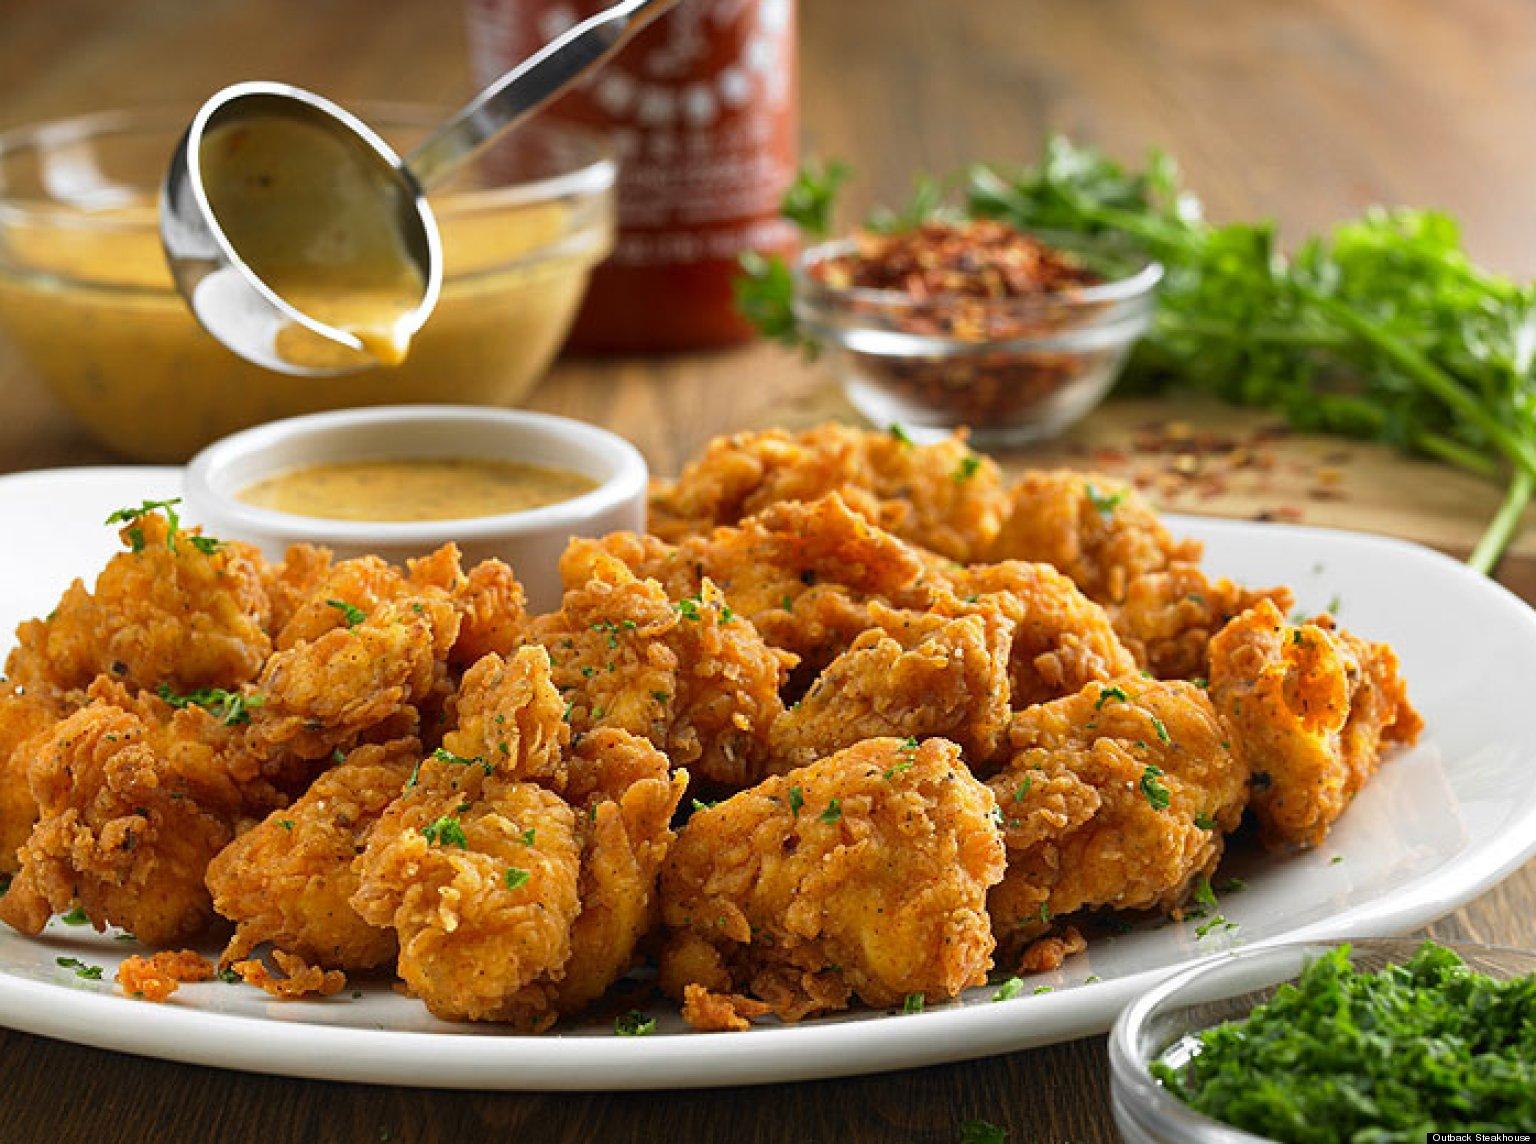 Best Food At Olive Garden | Best in Travel 2018